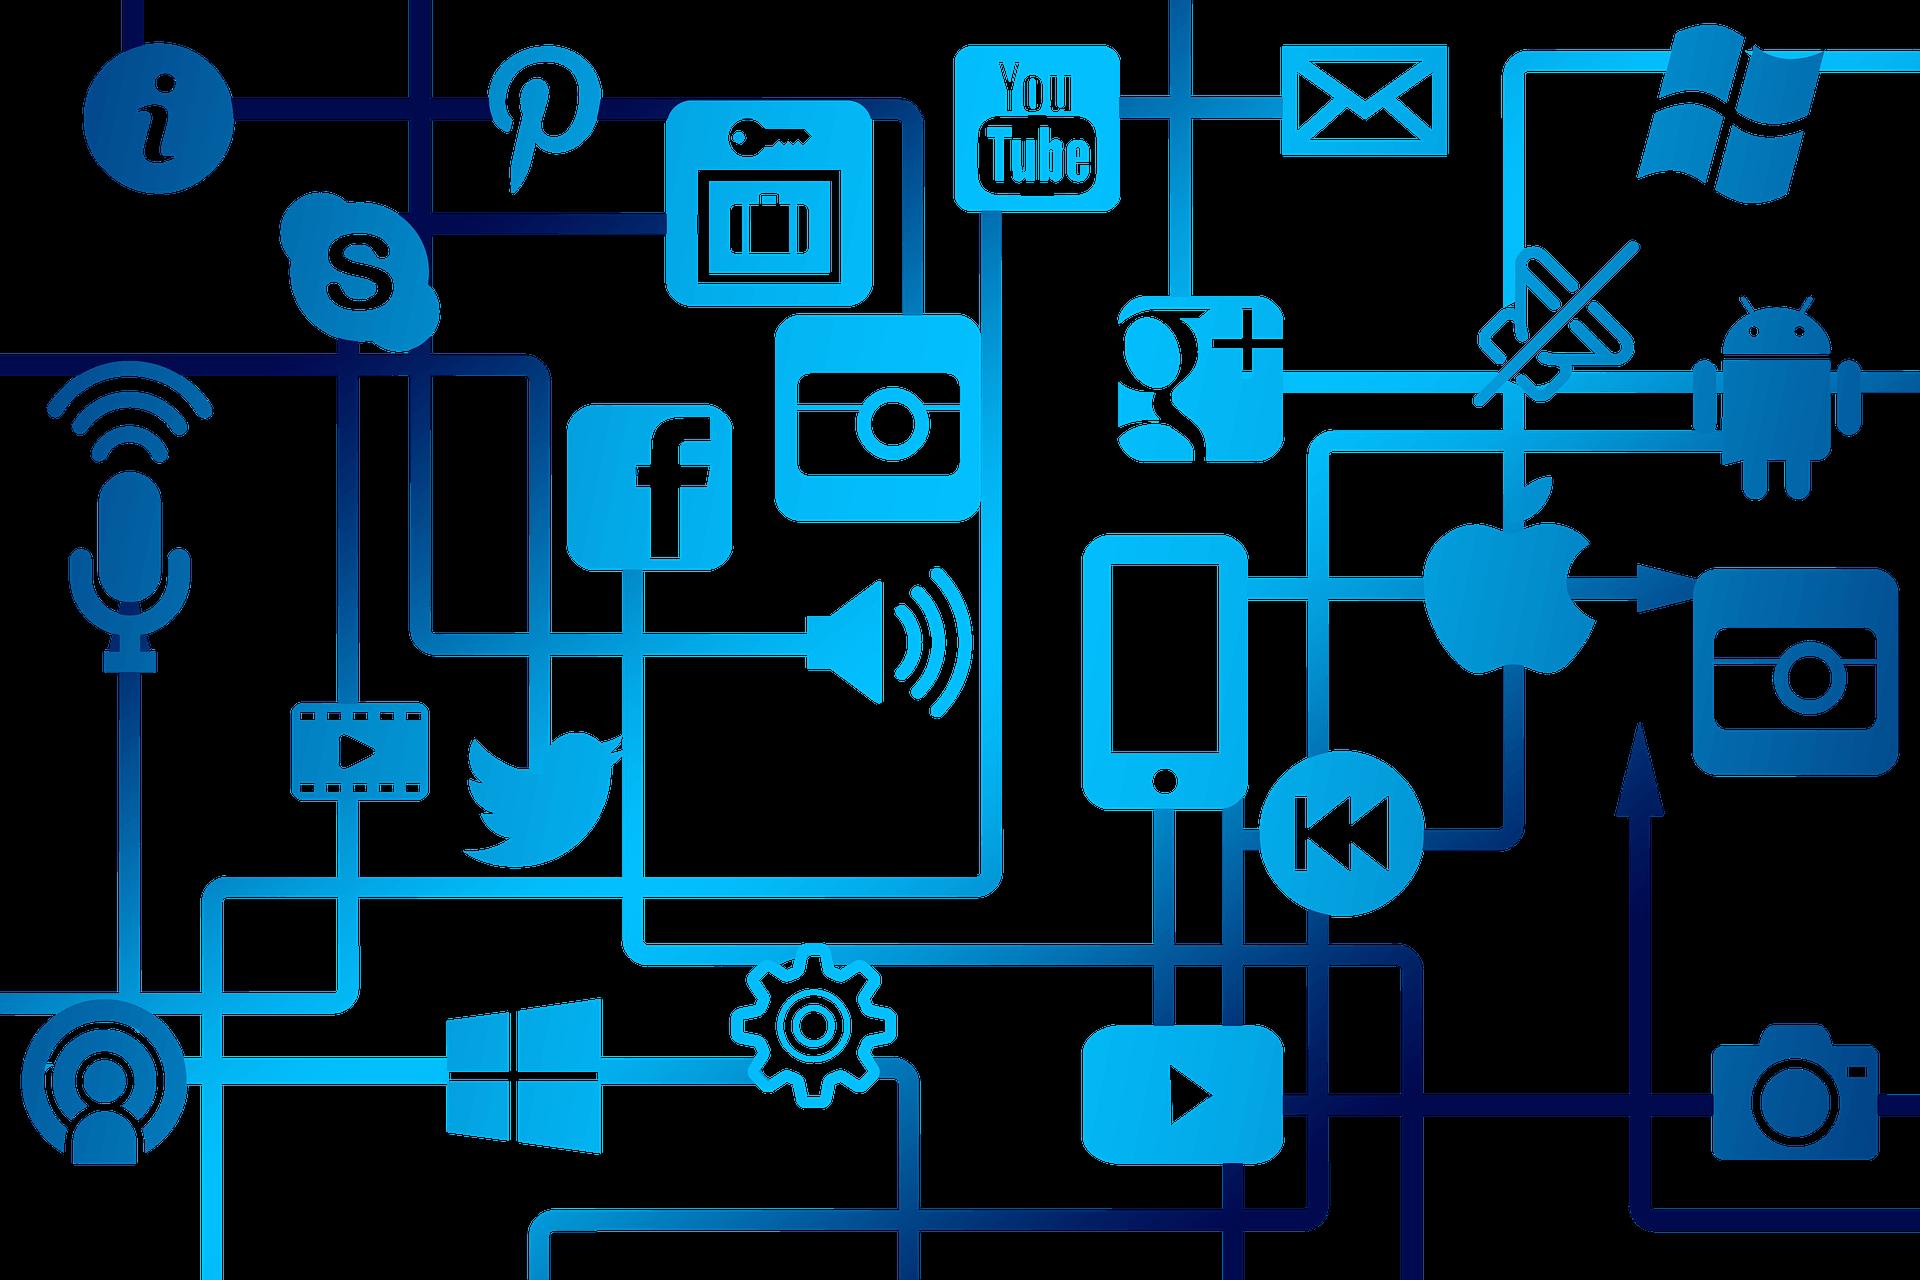 Juicer's Social Media API